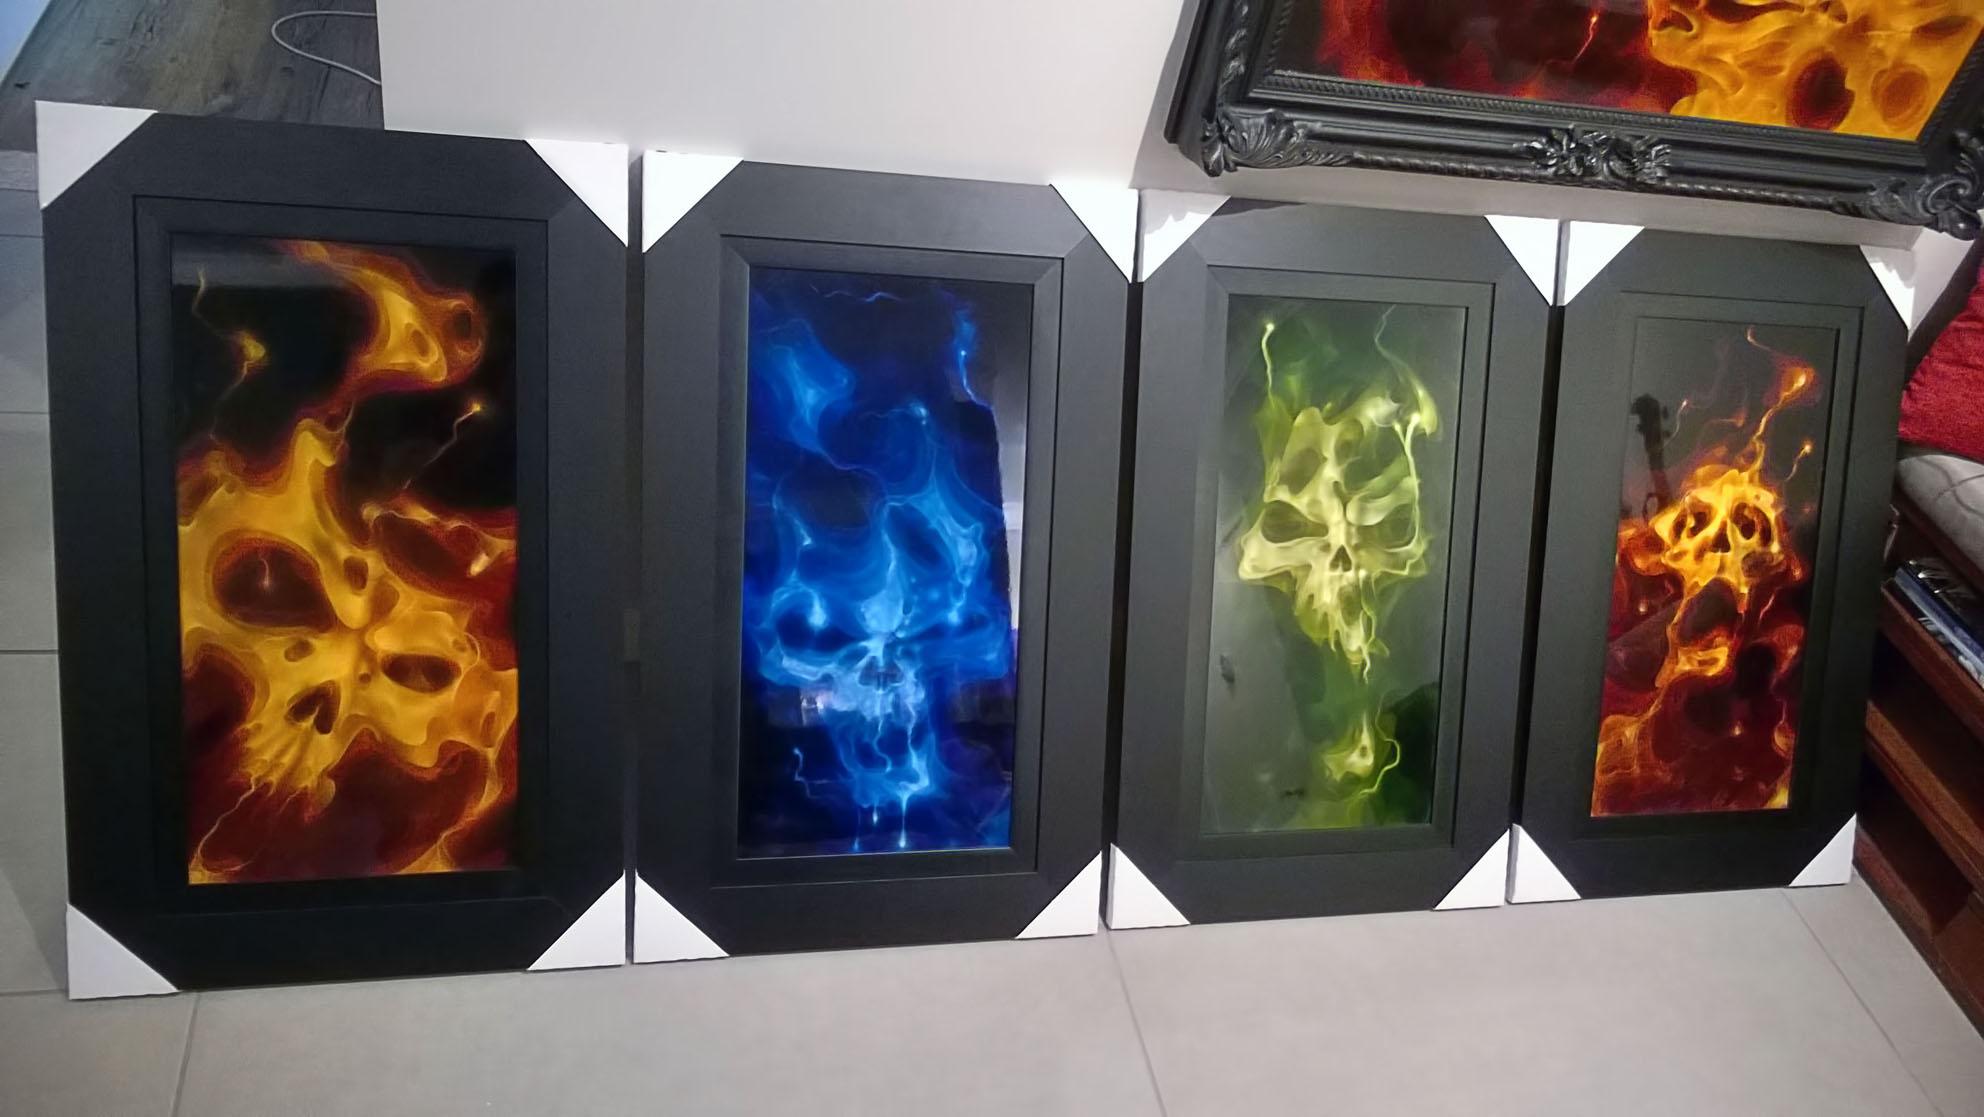 4 True Fire Skulls